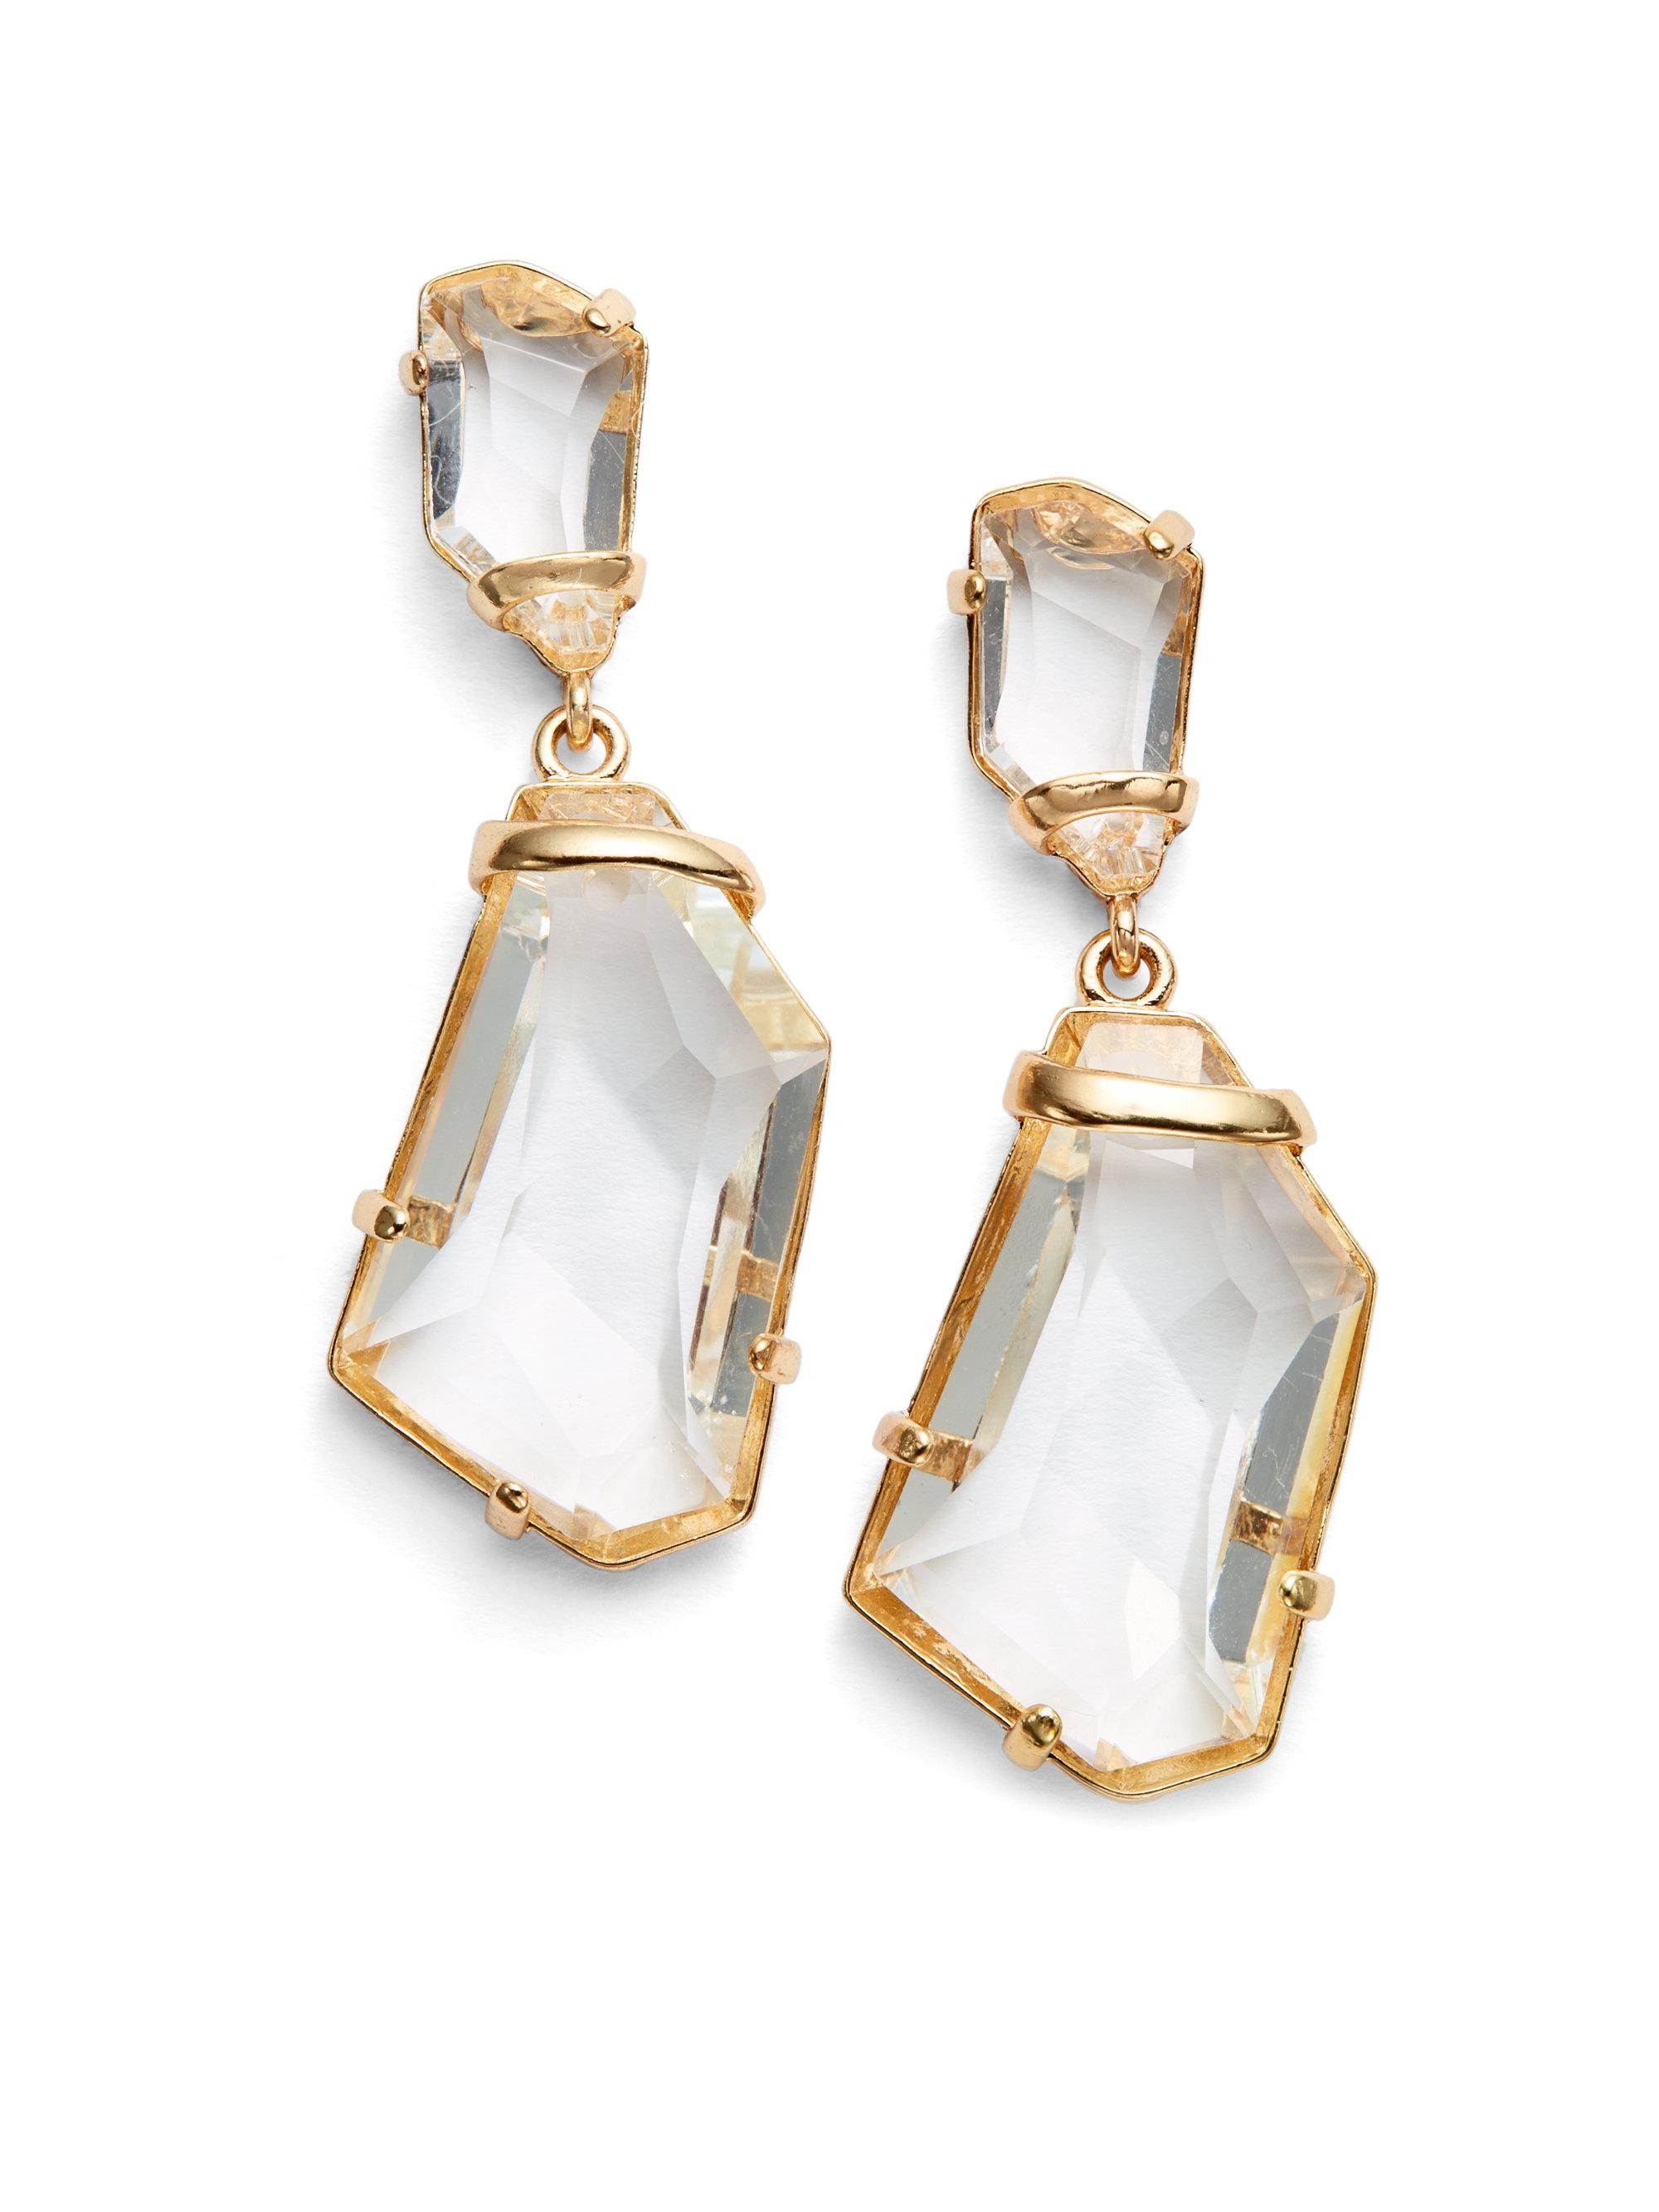 File:Kenneth Jay Lane Clear Crystal Drop earrings.jpg